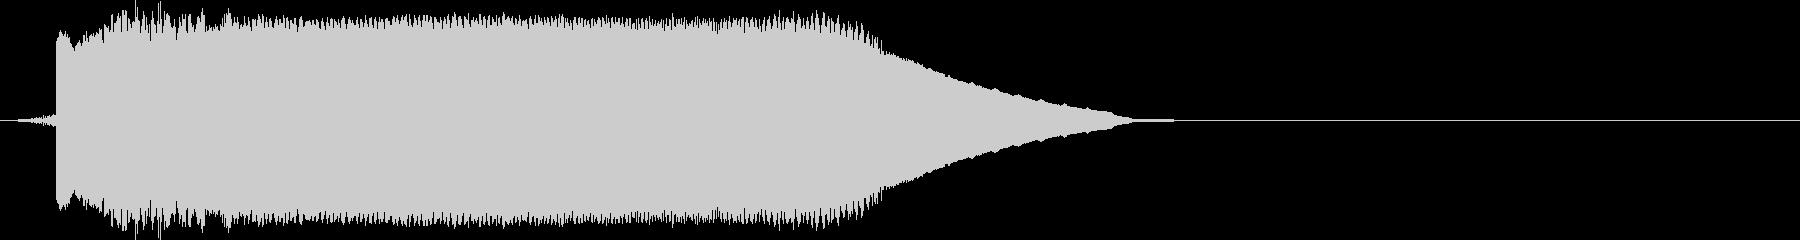 AMGアナログFX 34の未再生の波形